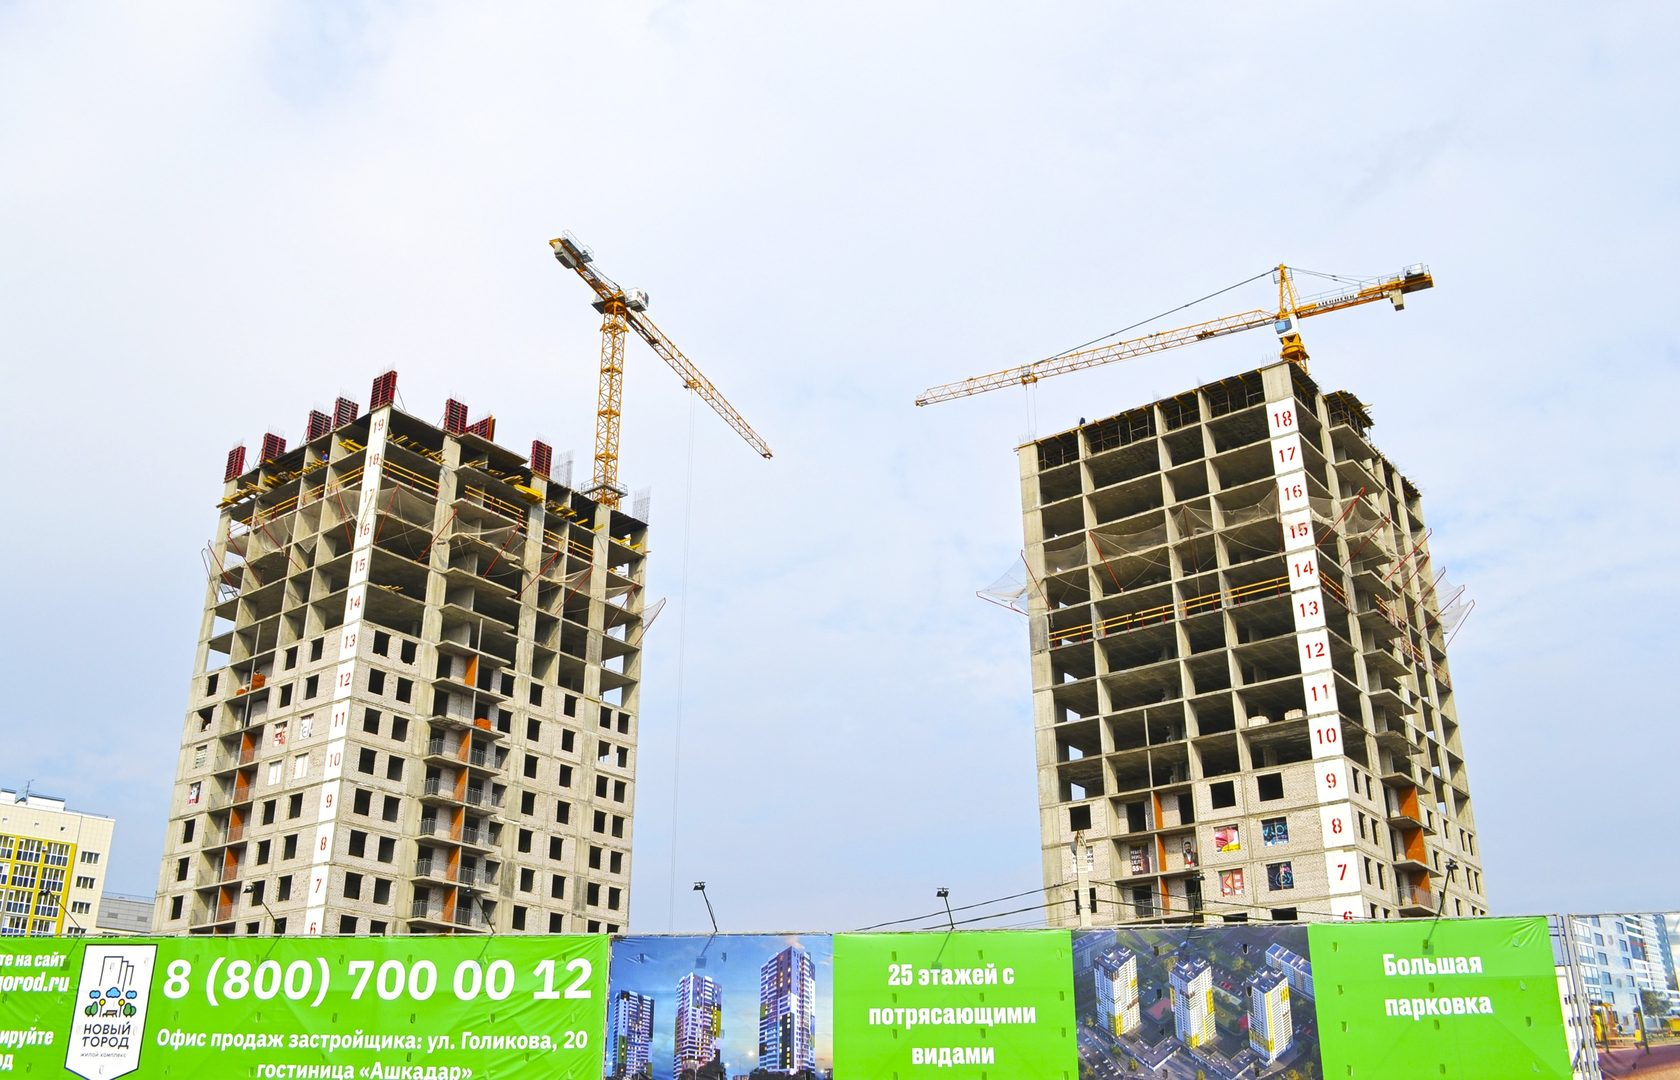 Сайт строительной компании новый город ренессанс страховая компания официальный сайт нижний новгород